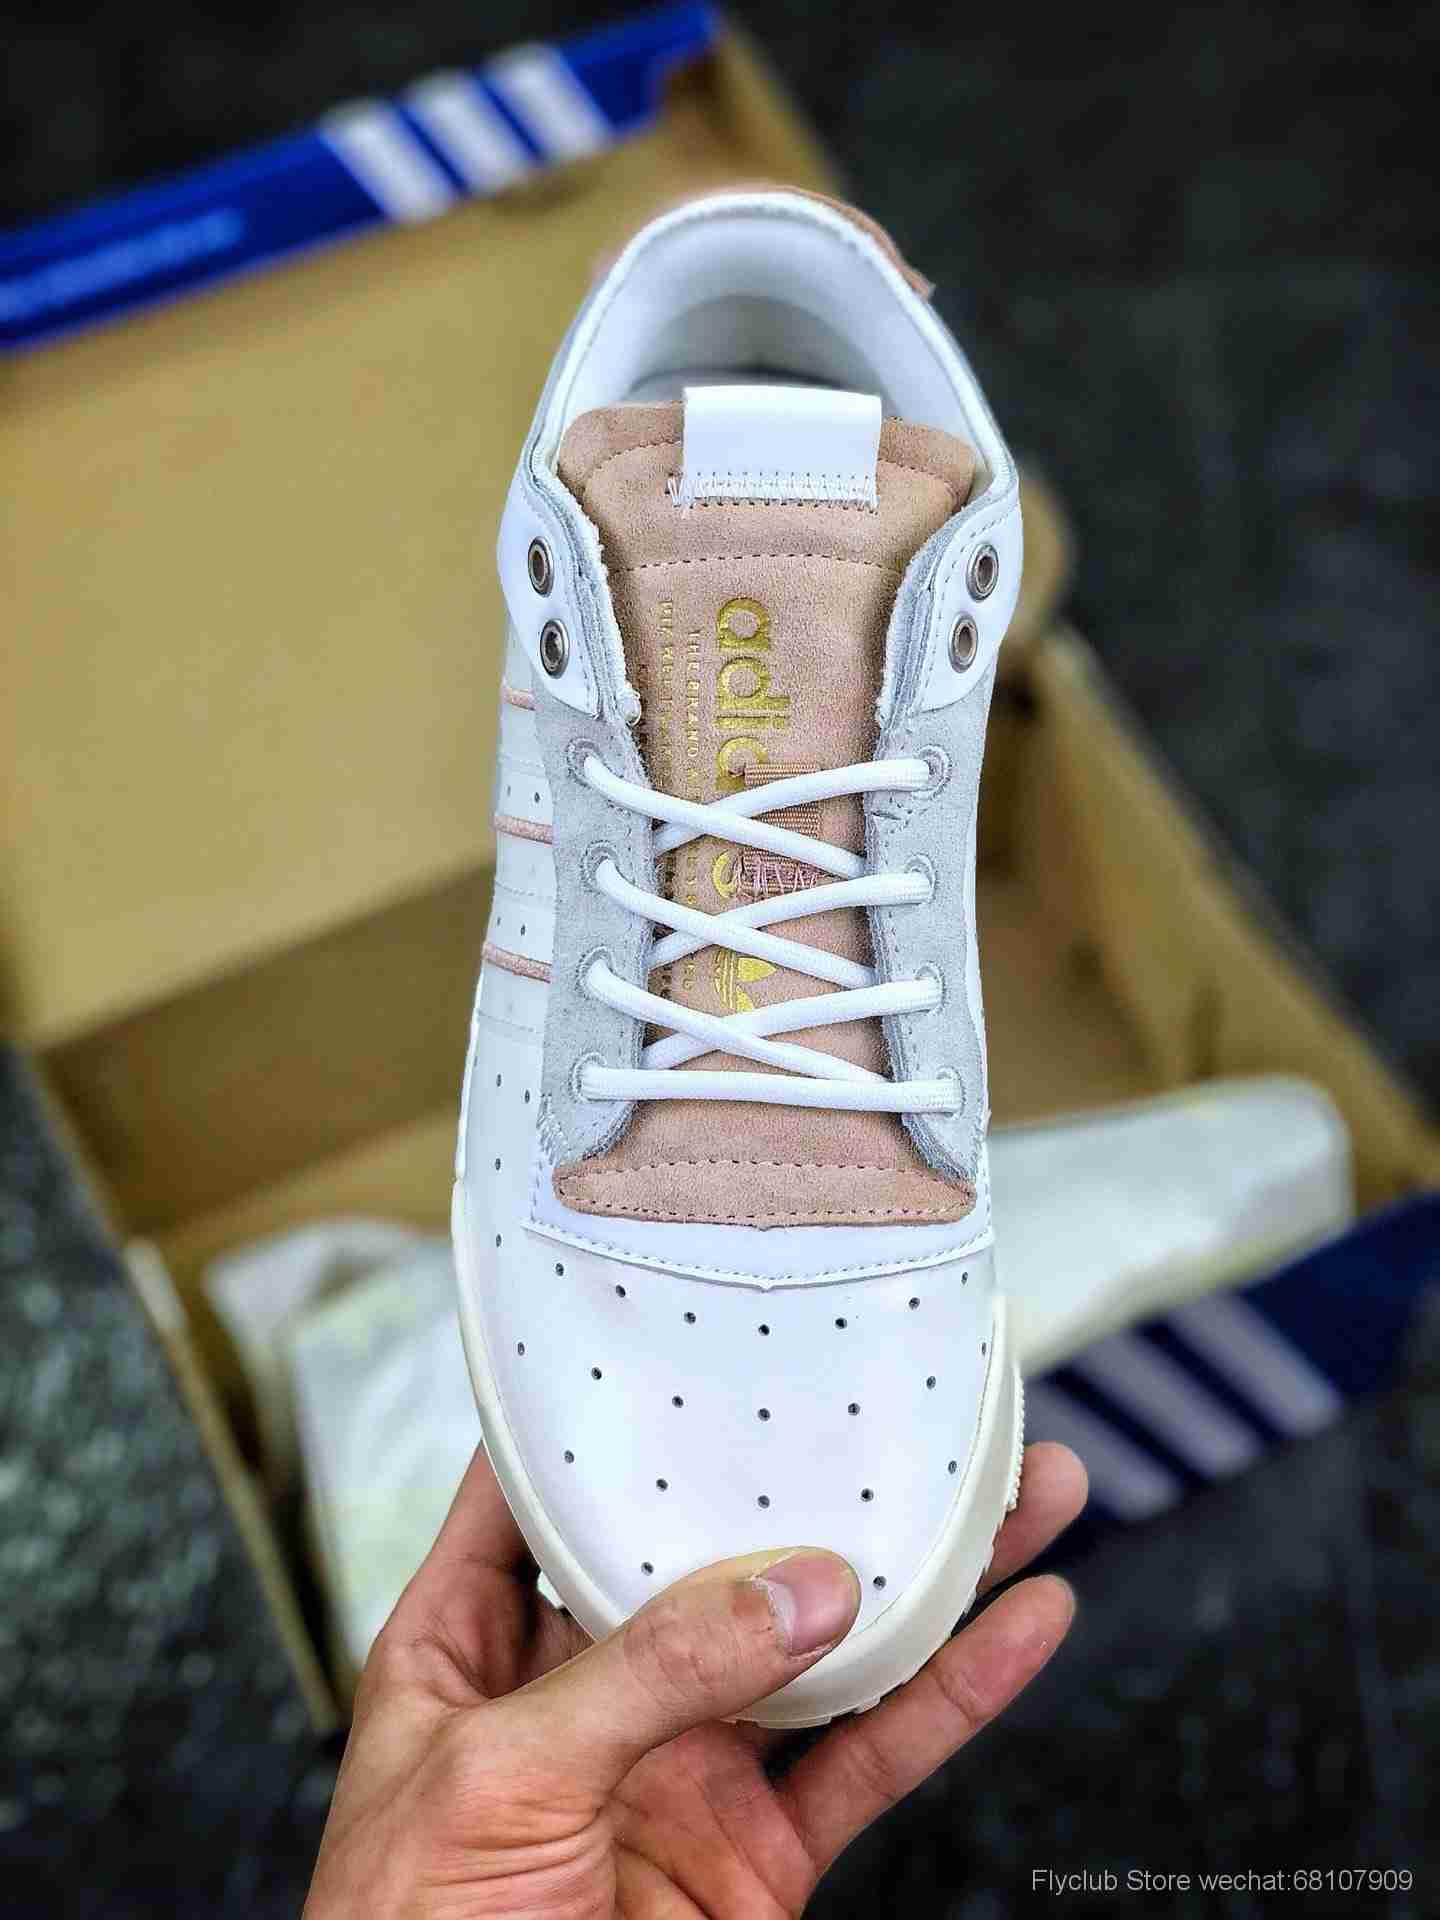 Adidas Rivalry RM 三叶草男女款板鞋 鲜明的配色与前卫的风格重新定义街头时尚EE4986